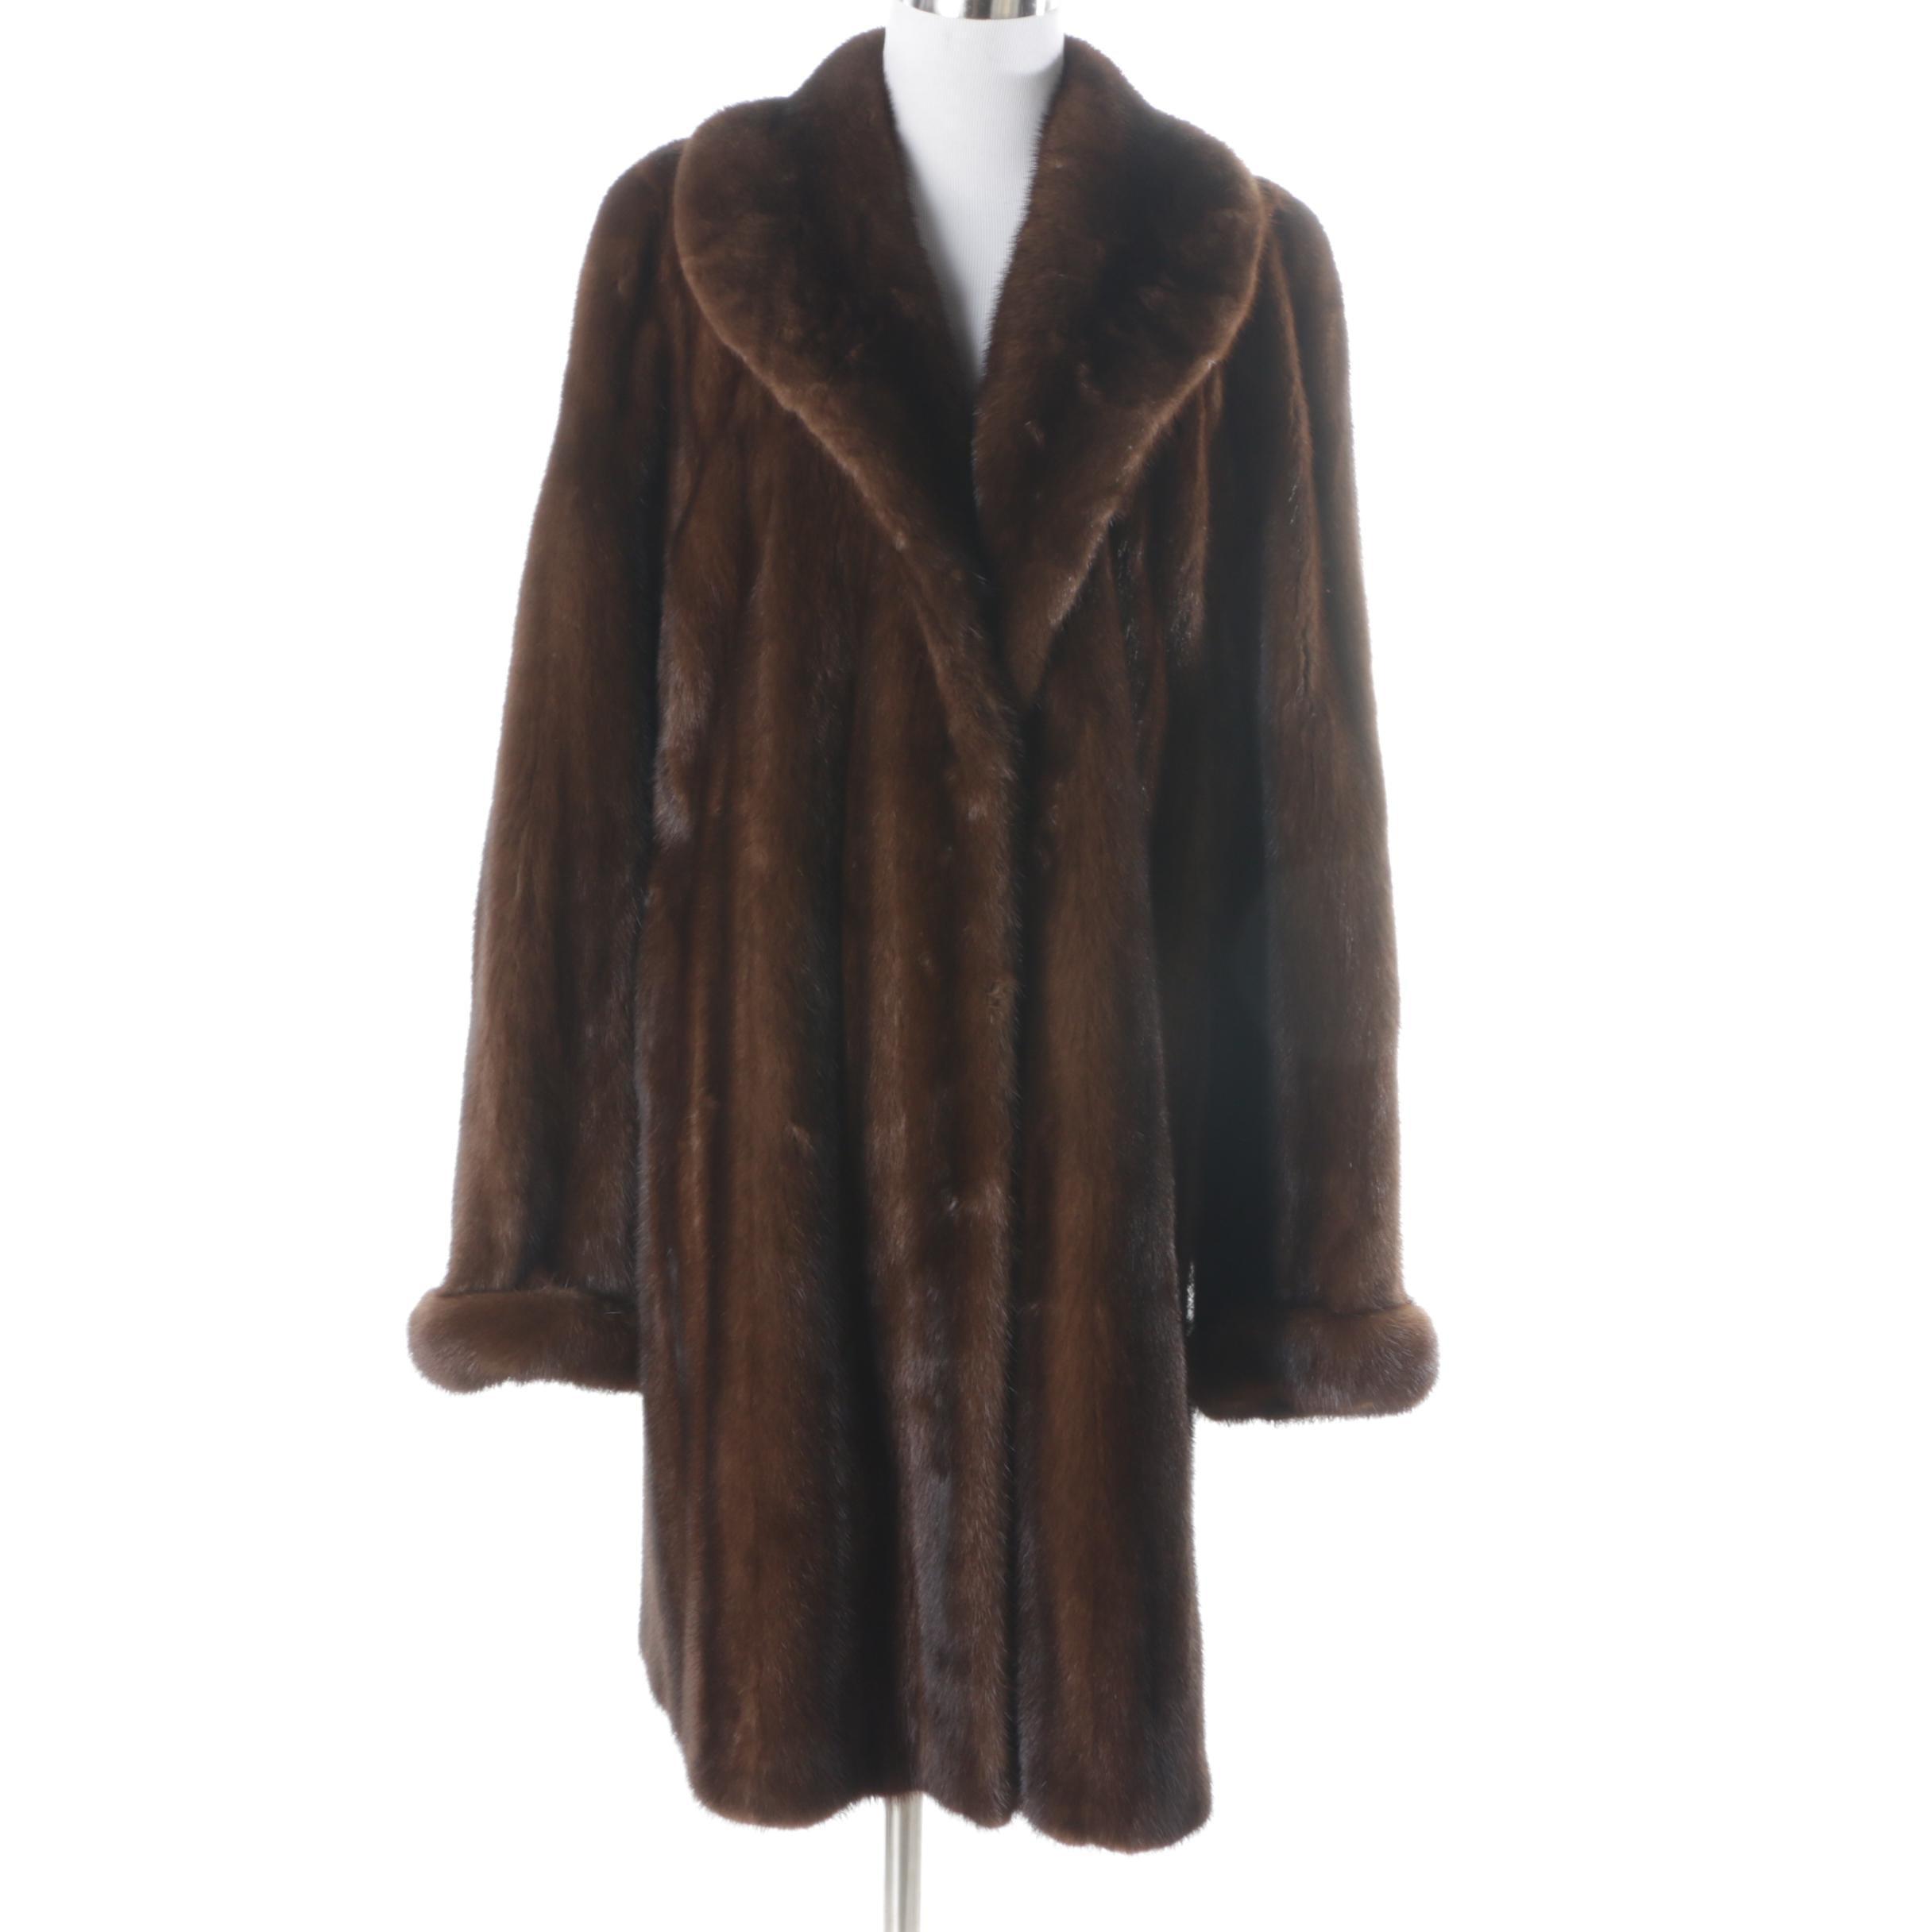 Women's Vintage Birger Christensen Brown Mink Fur Coat